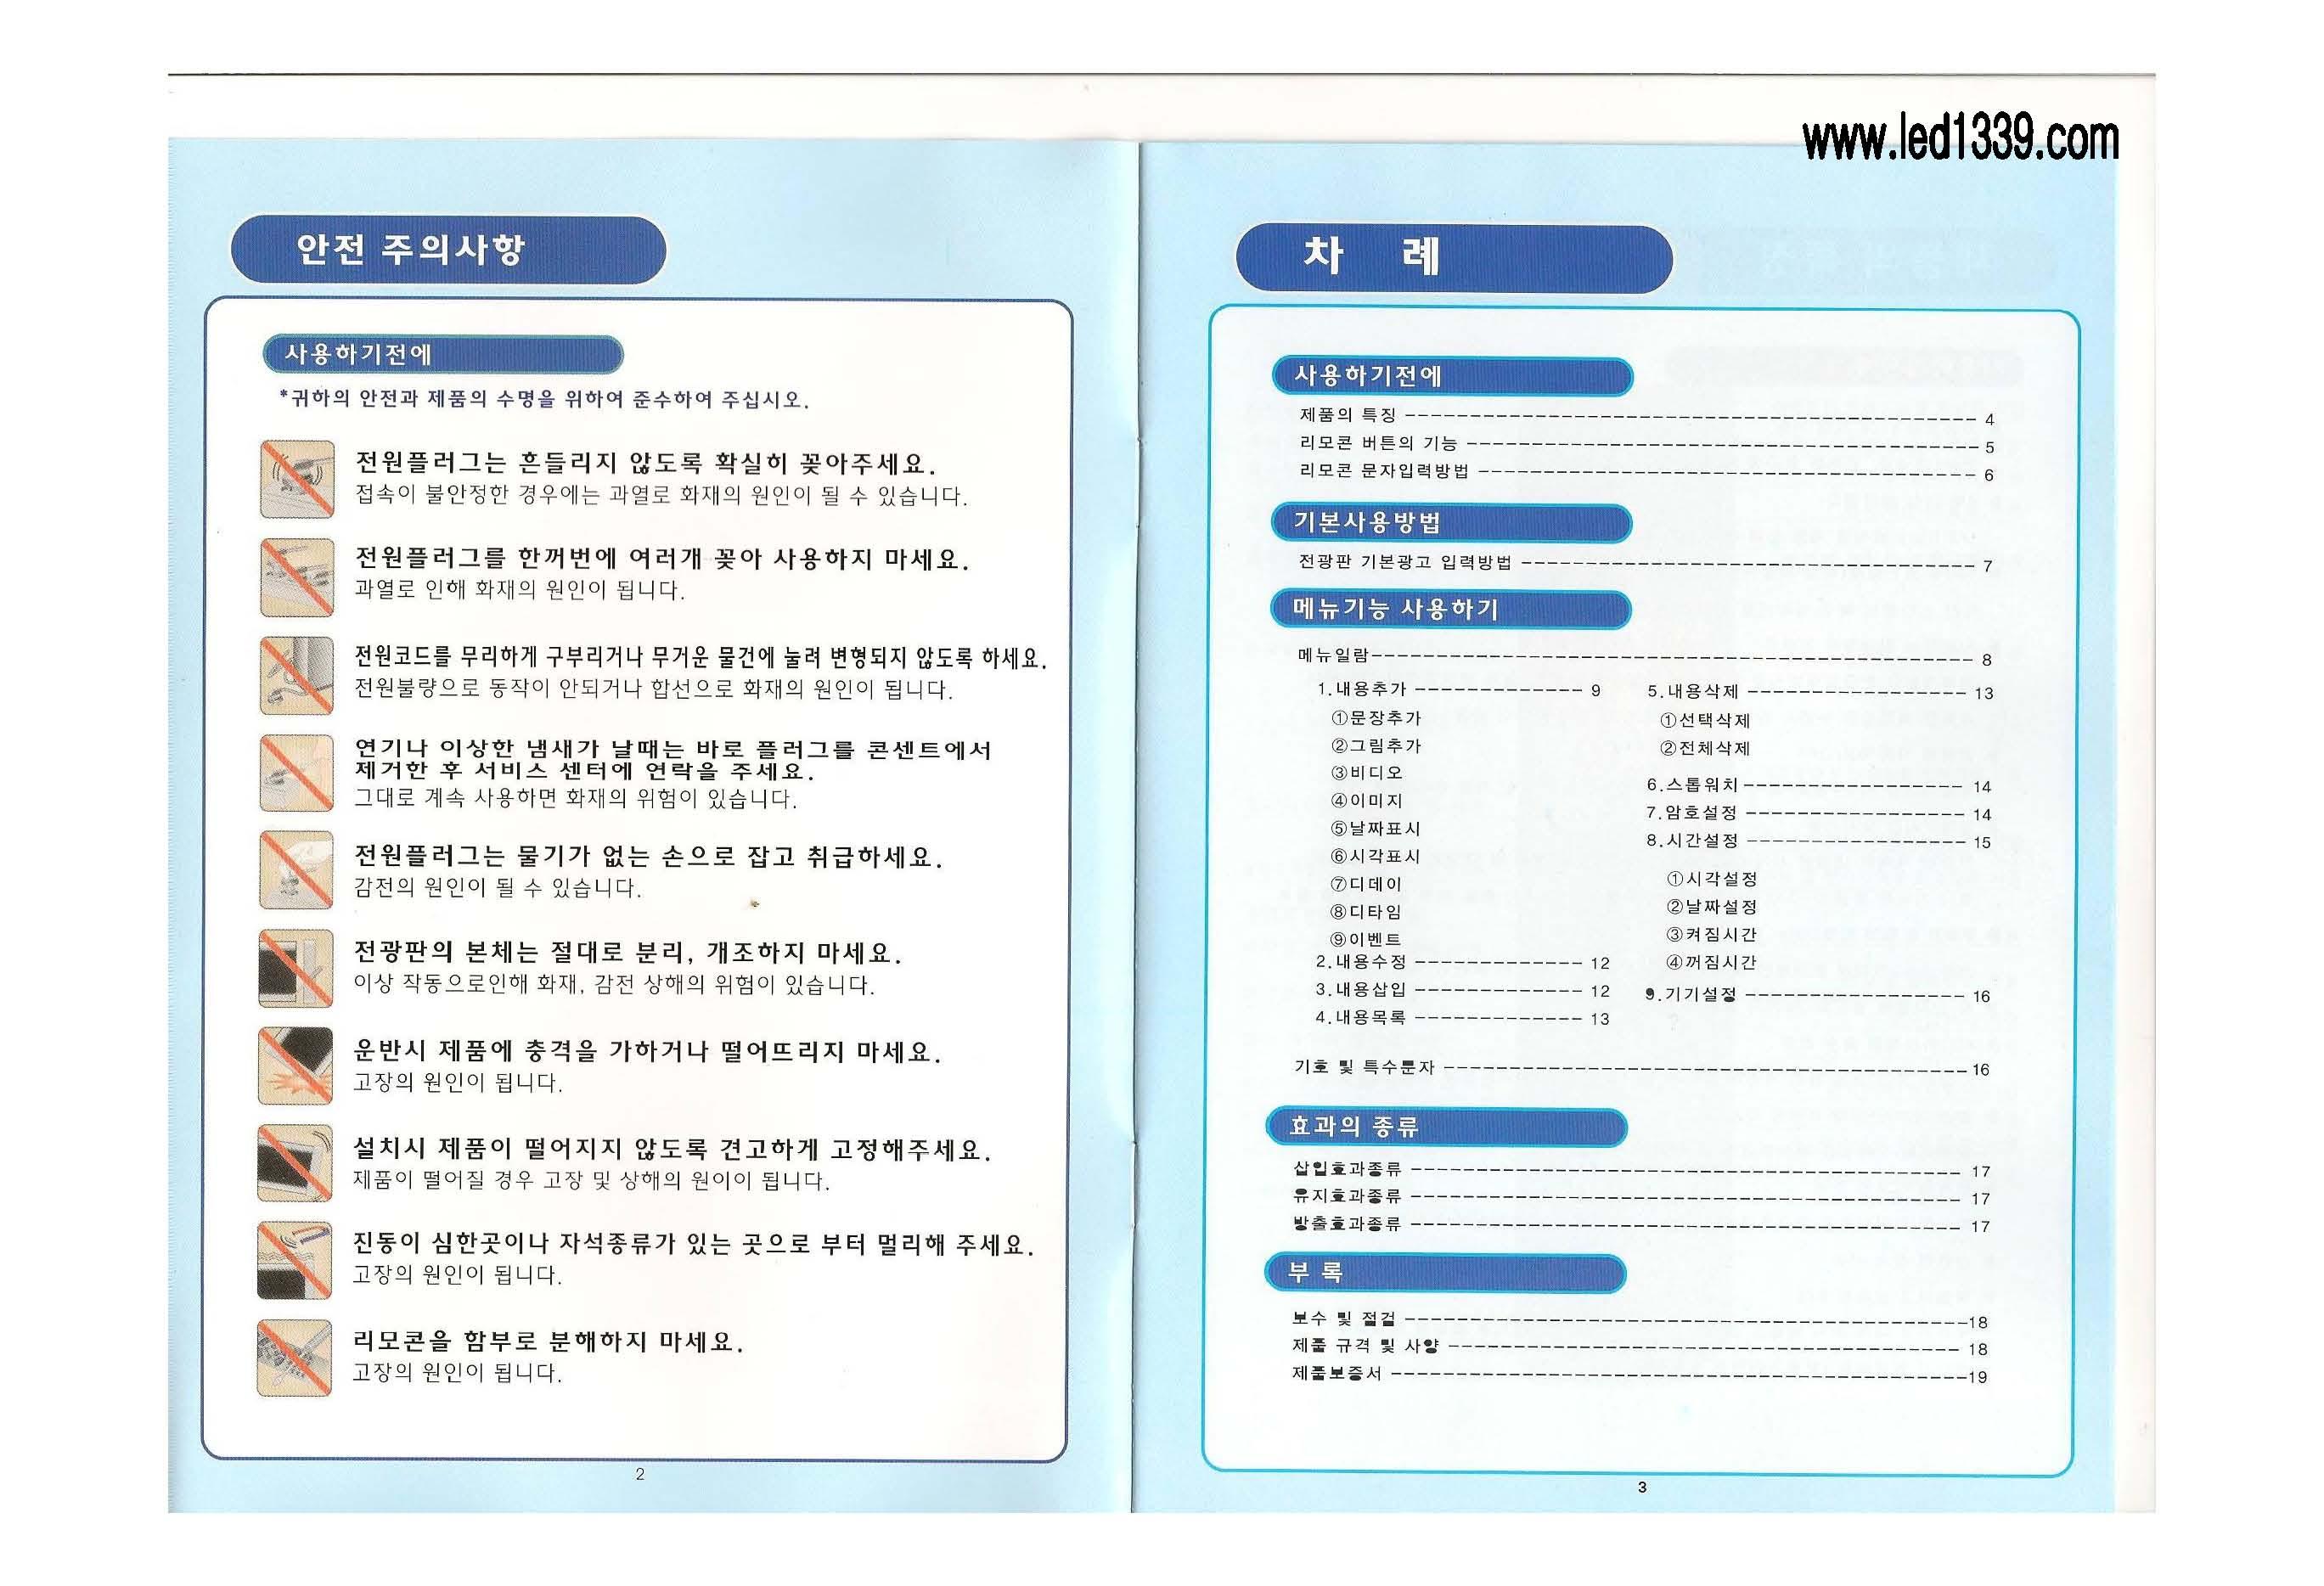 애드트로닉 한글 리모콘 사용설명서_페이지_02.jpg